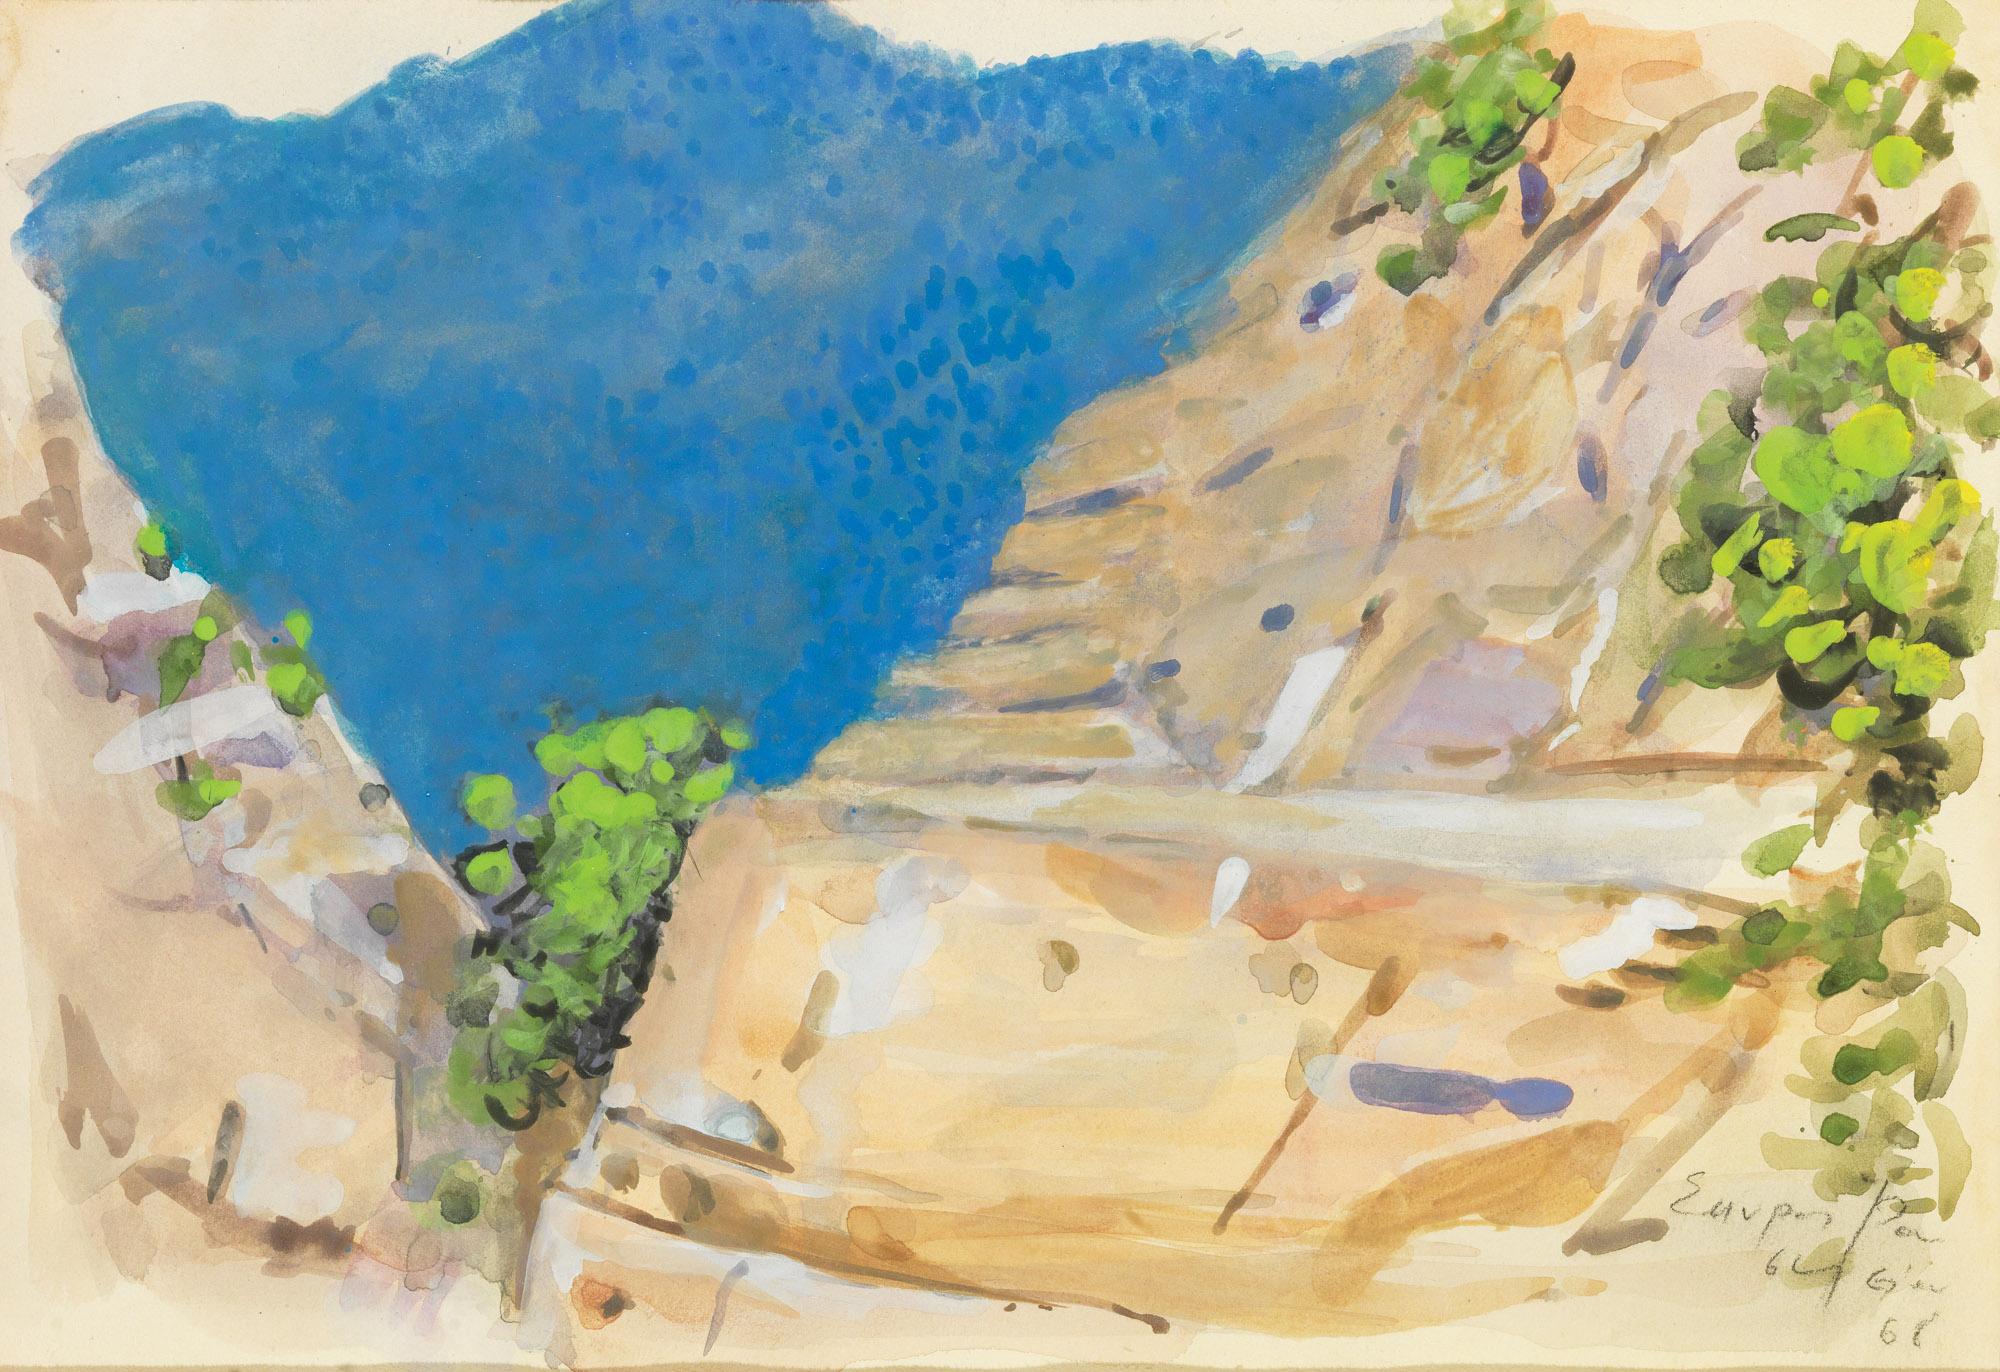 Spyros Vassiliou - The gorge of Prousos